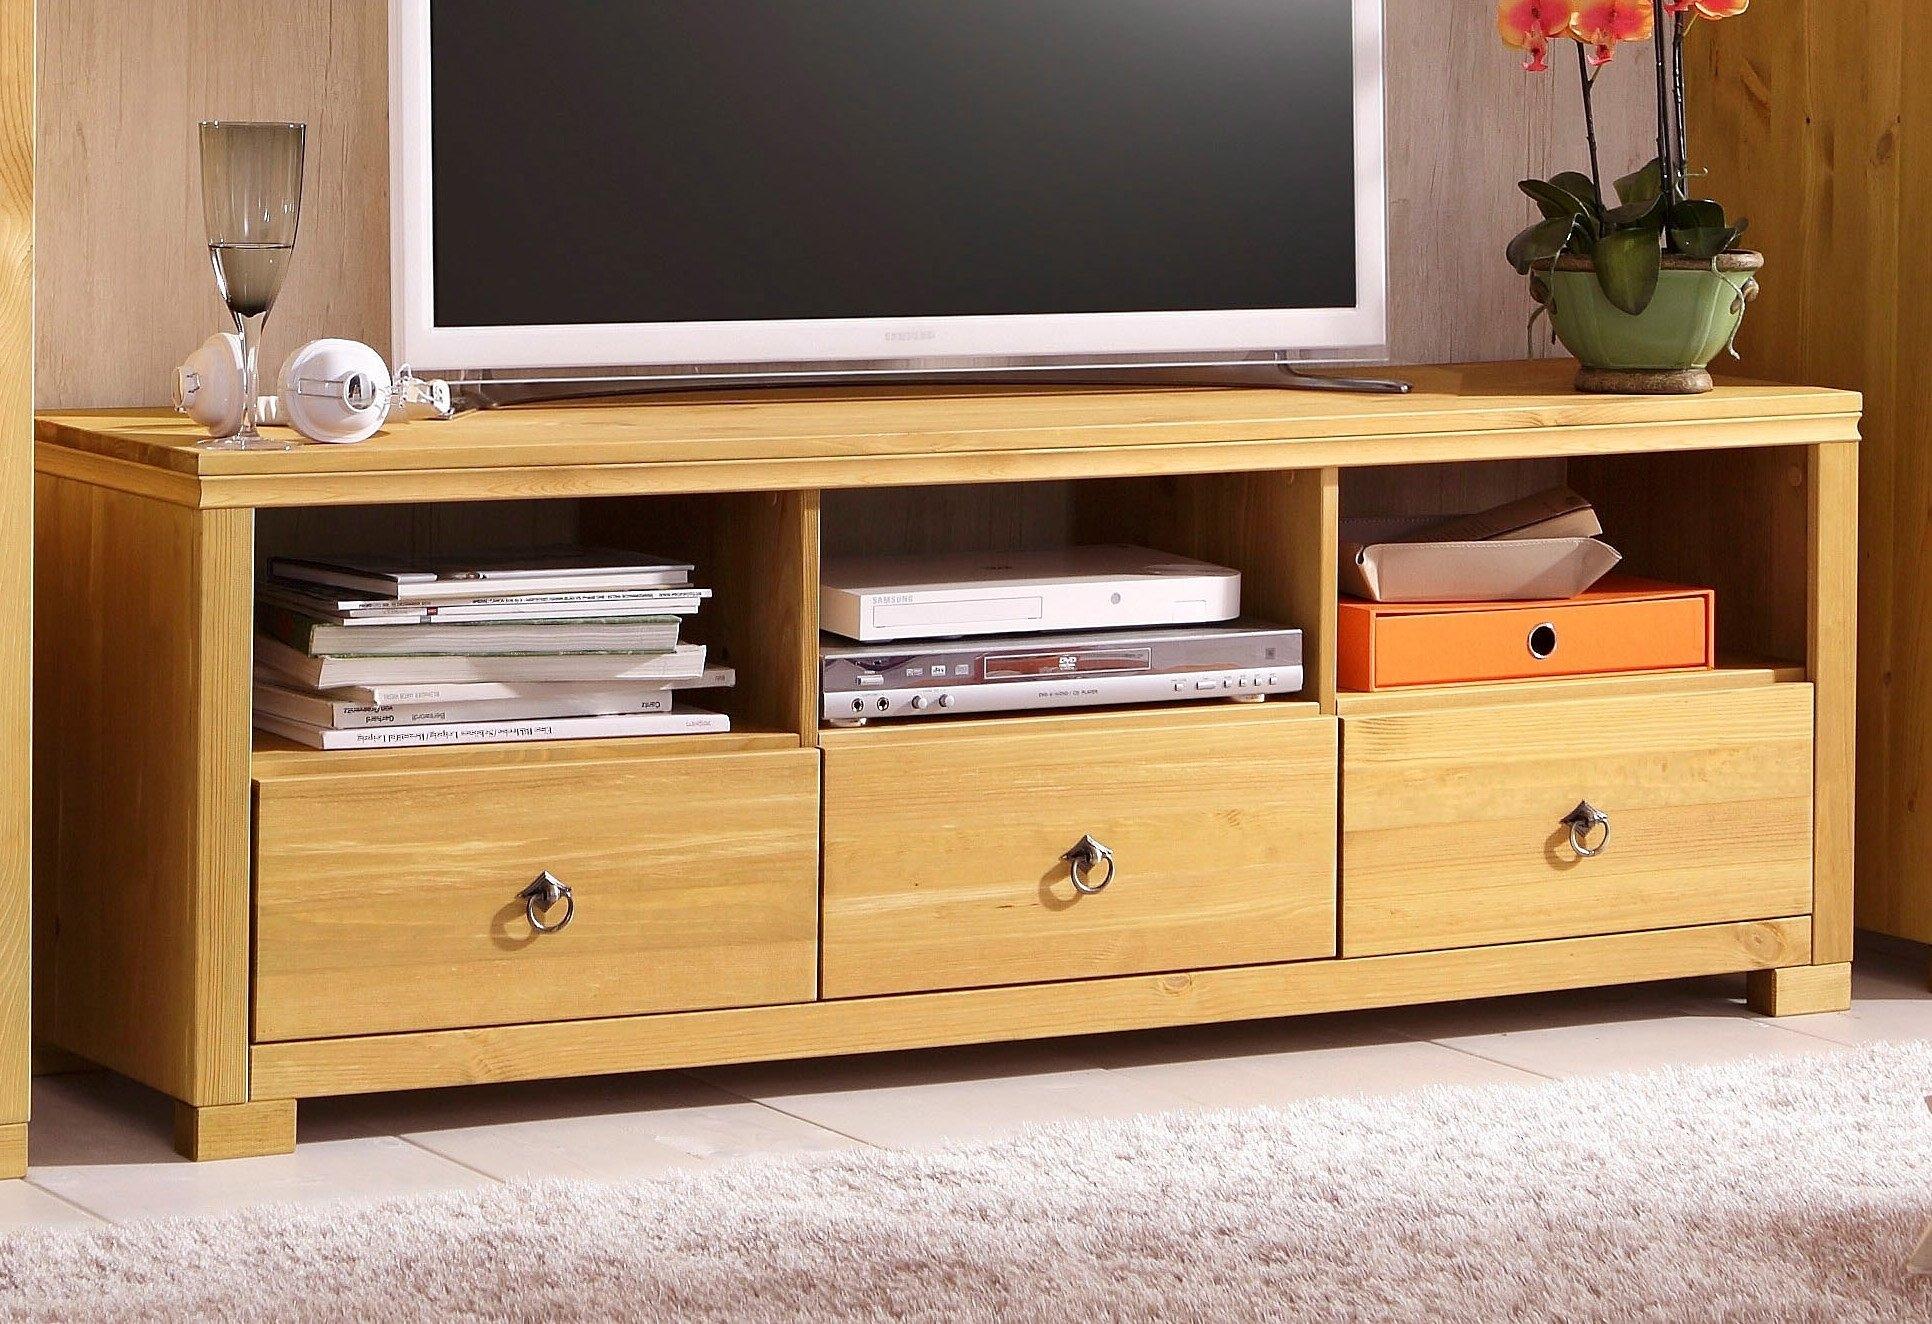 Home affaire tv-meubel Gotland Breedte 147 cm goedkoop op otto.nl kopen